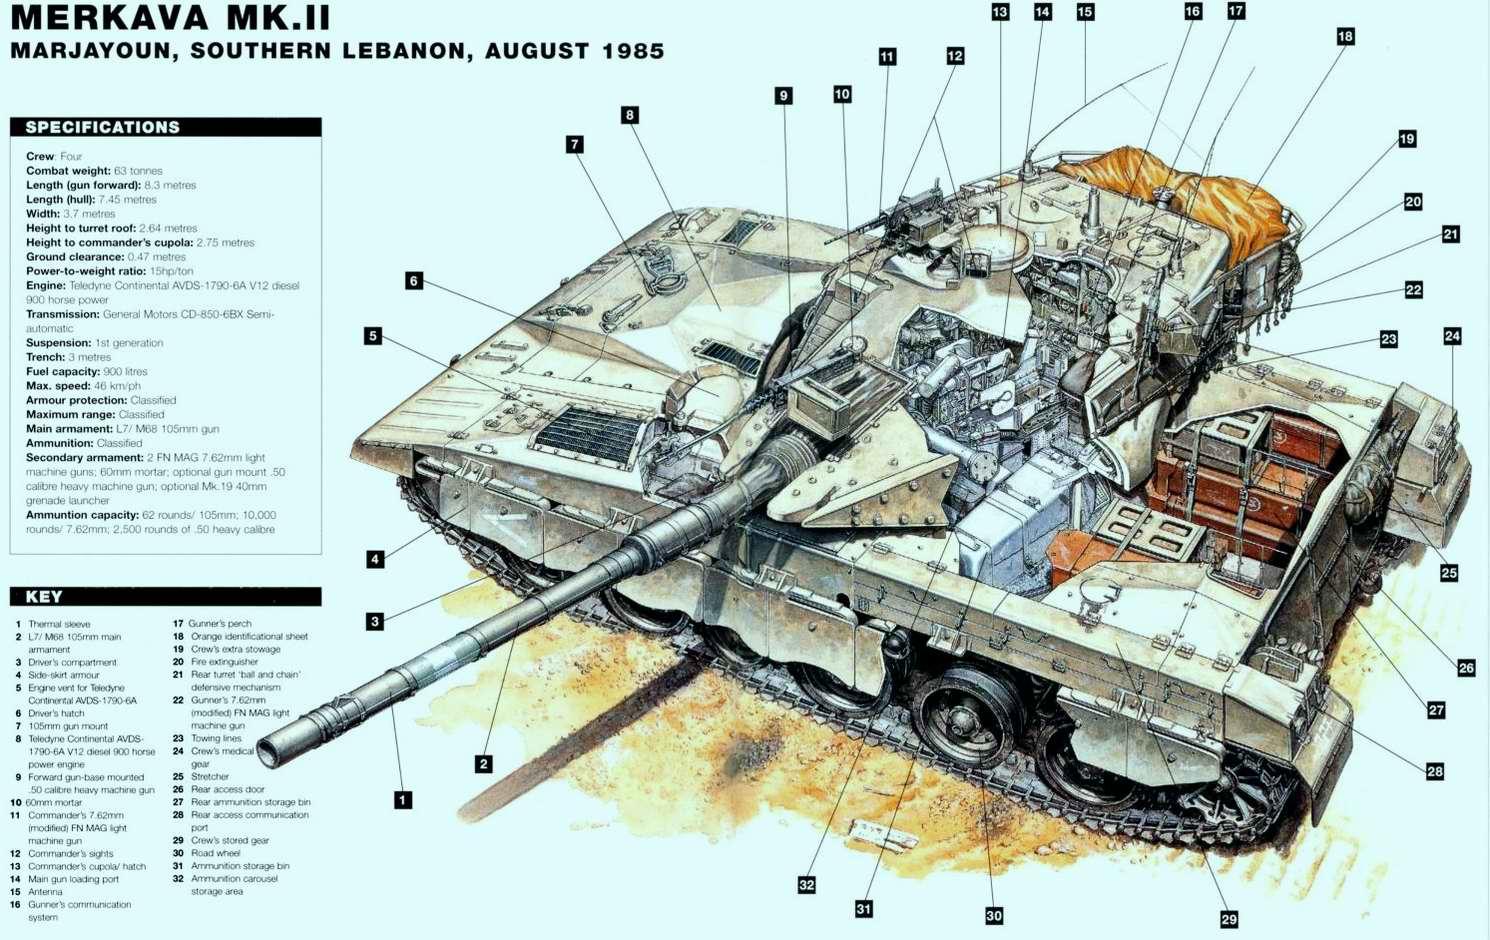 Merkava Mk 2 - основной боевой танк Меркава, 1983 год (Израиль)